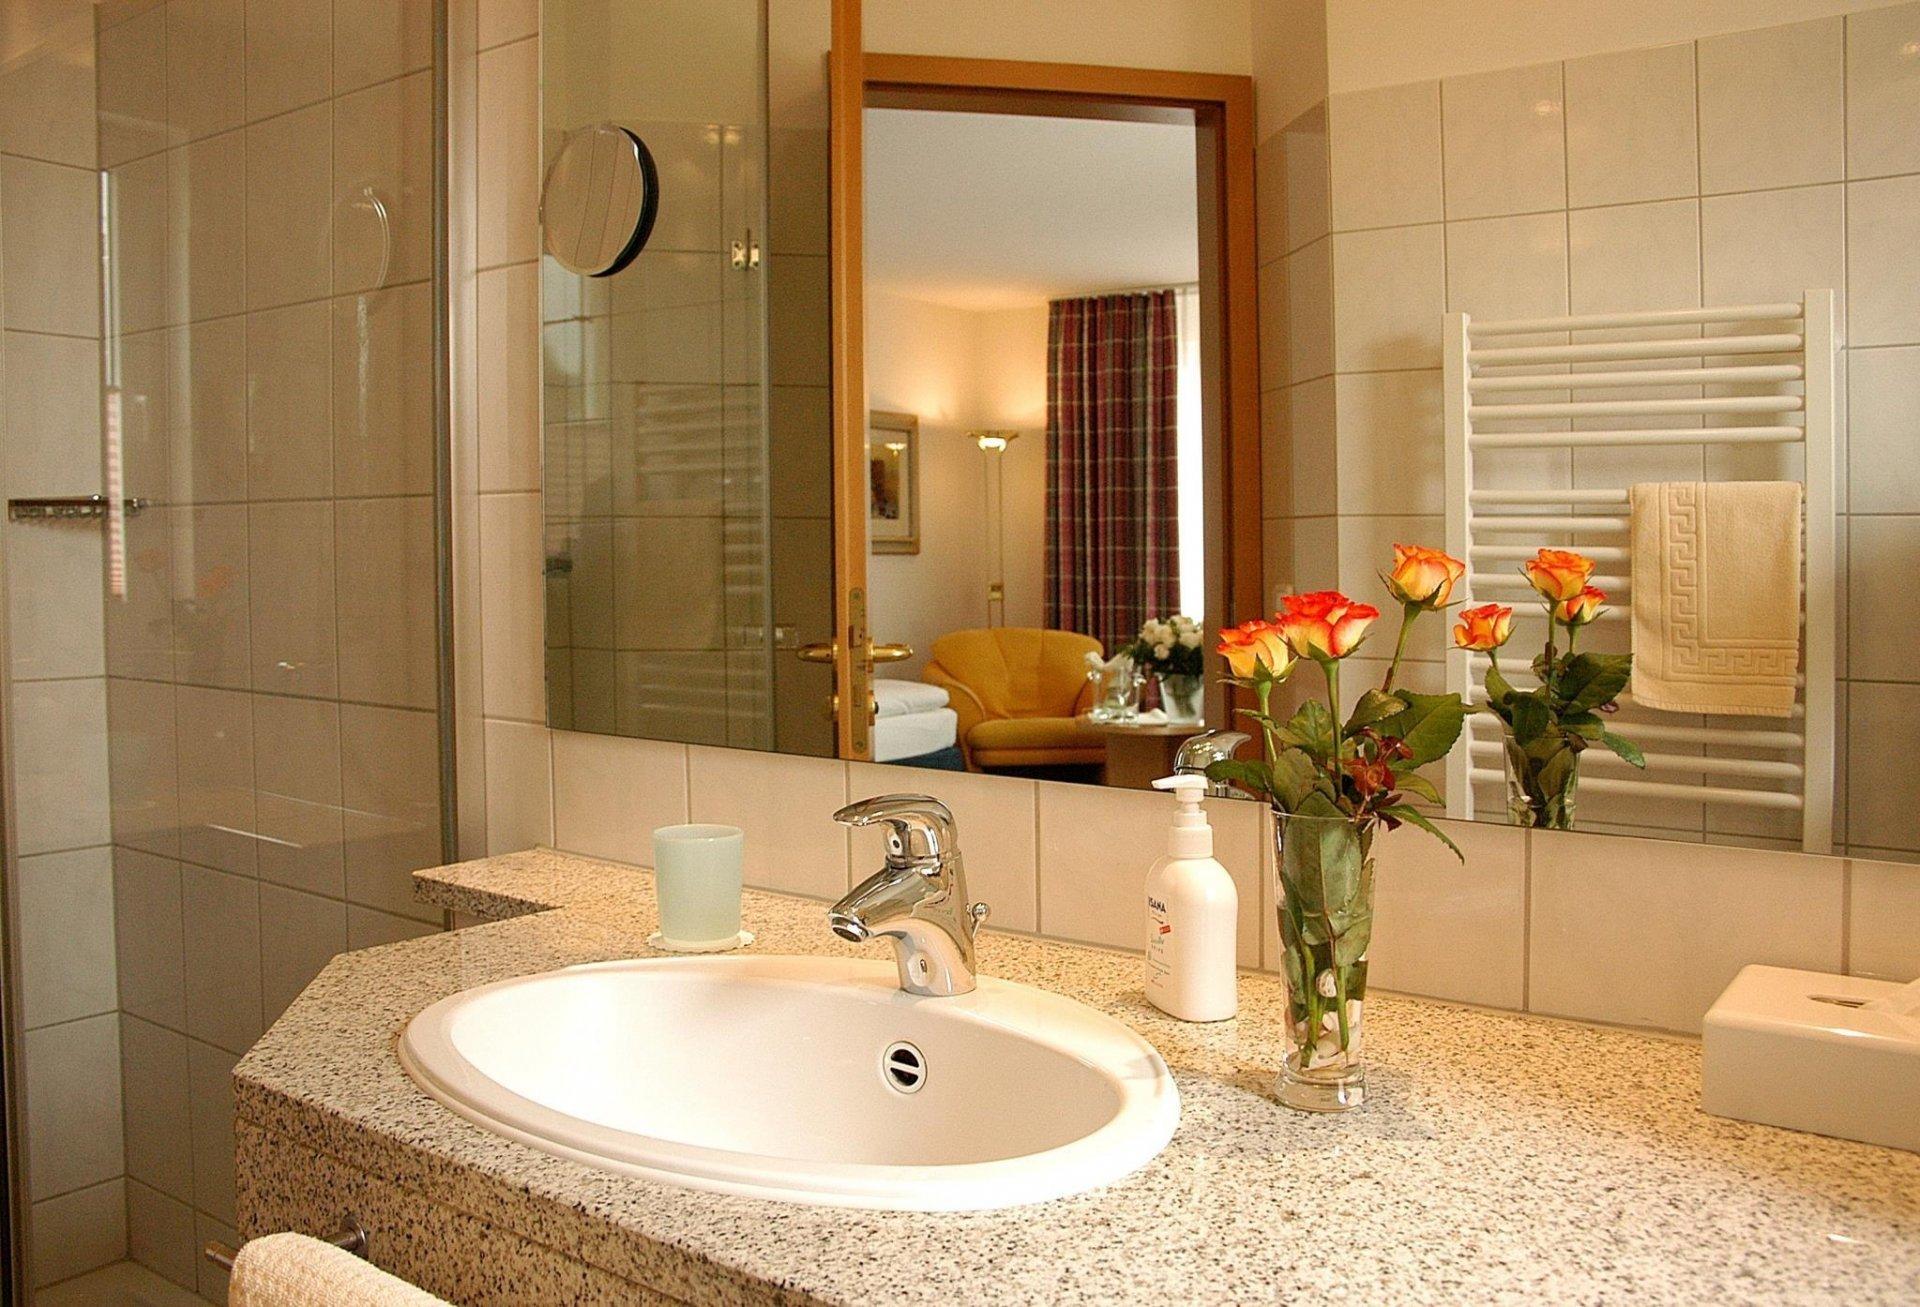 Badezimmer Ibbenburen.Zeit Zu Zweit Im Hotel Leugermann In Ibbenburen Verwoehnwochenende